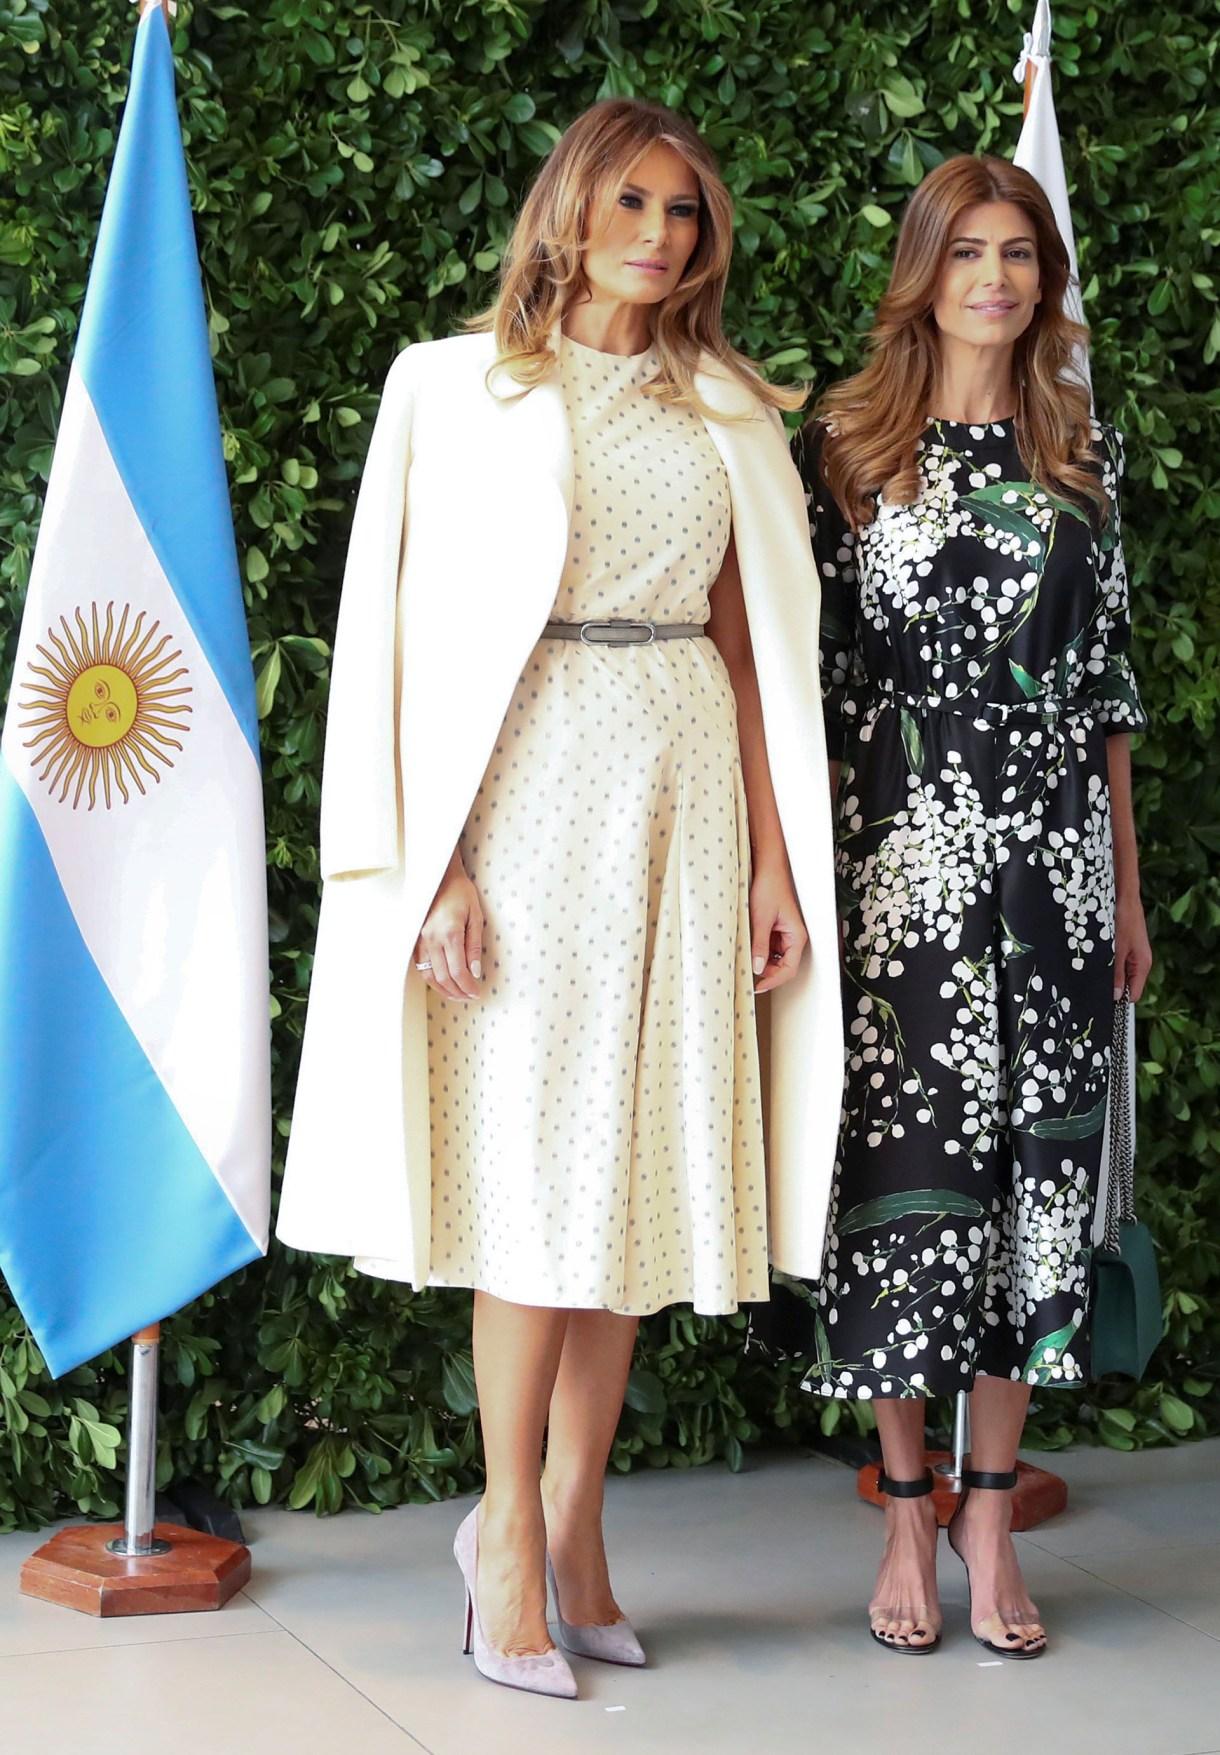 Juliana Awada junto a Melania Trump en el encuentro de mujeres en el museo MalbaREUTERS/Pilar Olivares